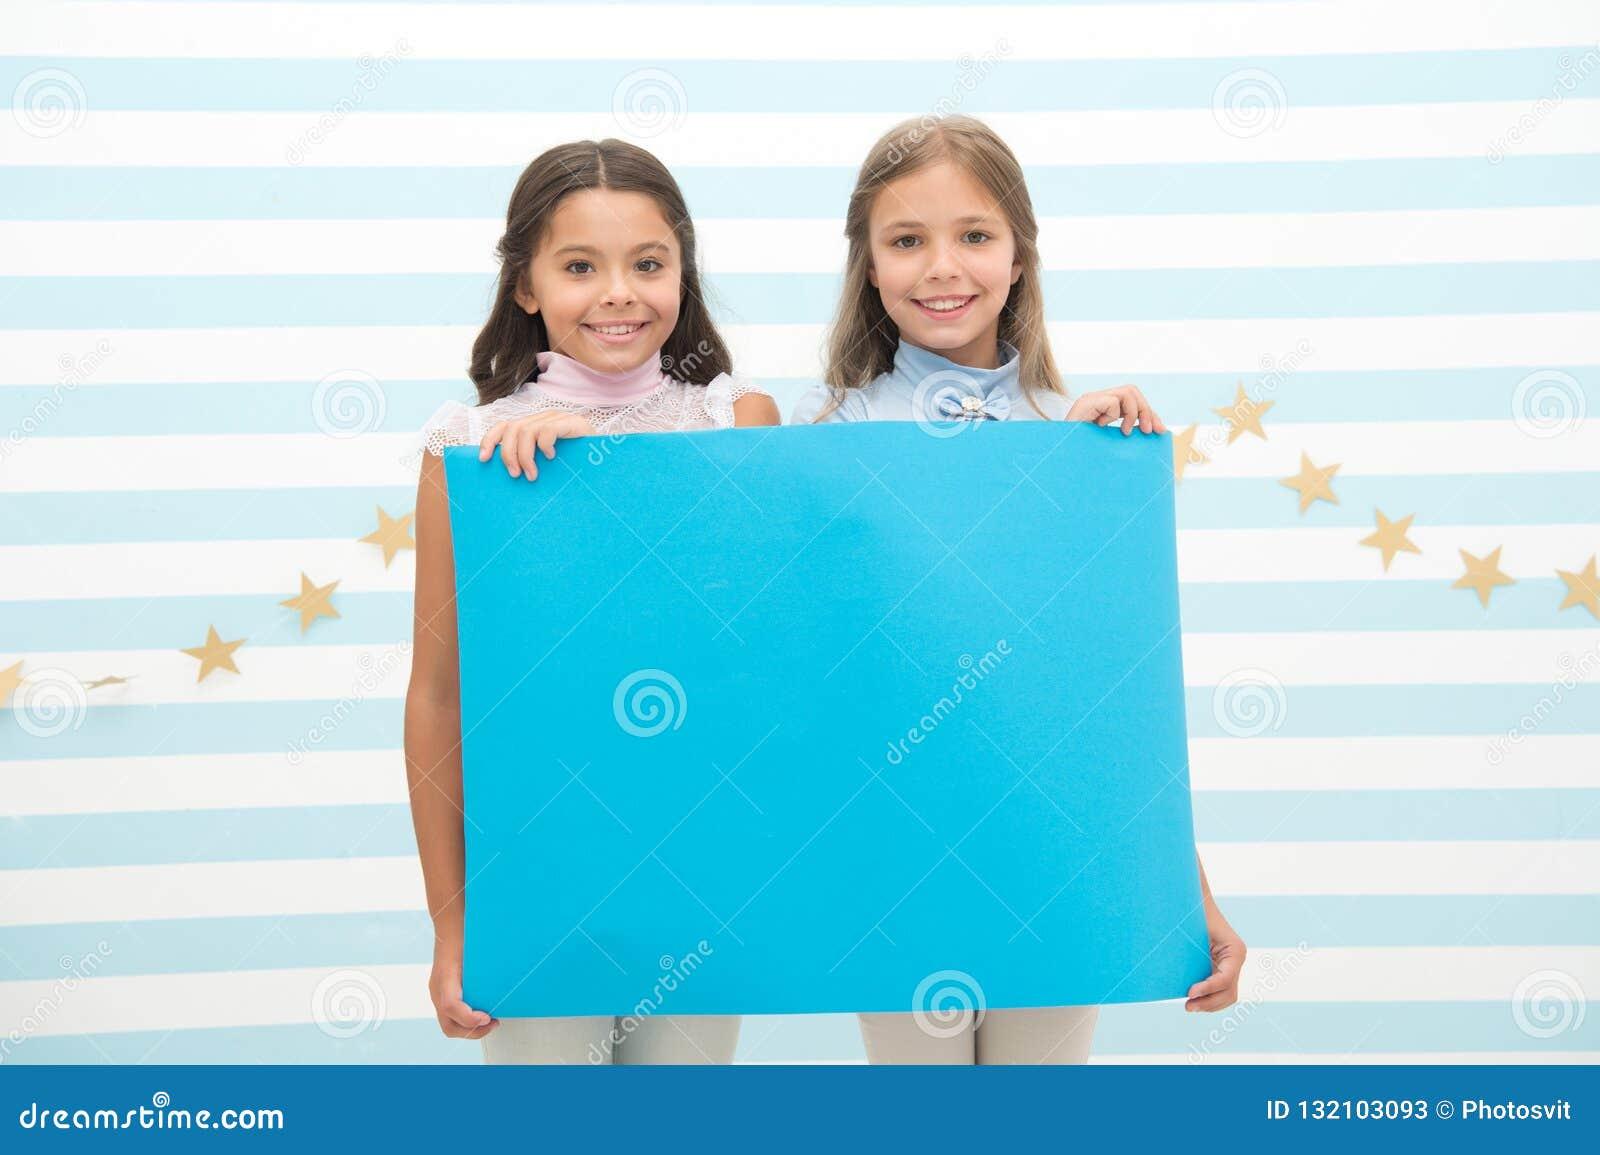 Twój reklama w dobrych rękach Dziewczyna dzieciaków chwyta reklamy plakata kopii przestrzeń Dziecko chwyta reklamowy sztandar